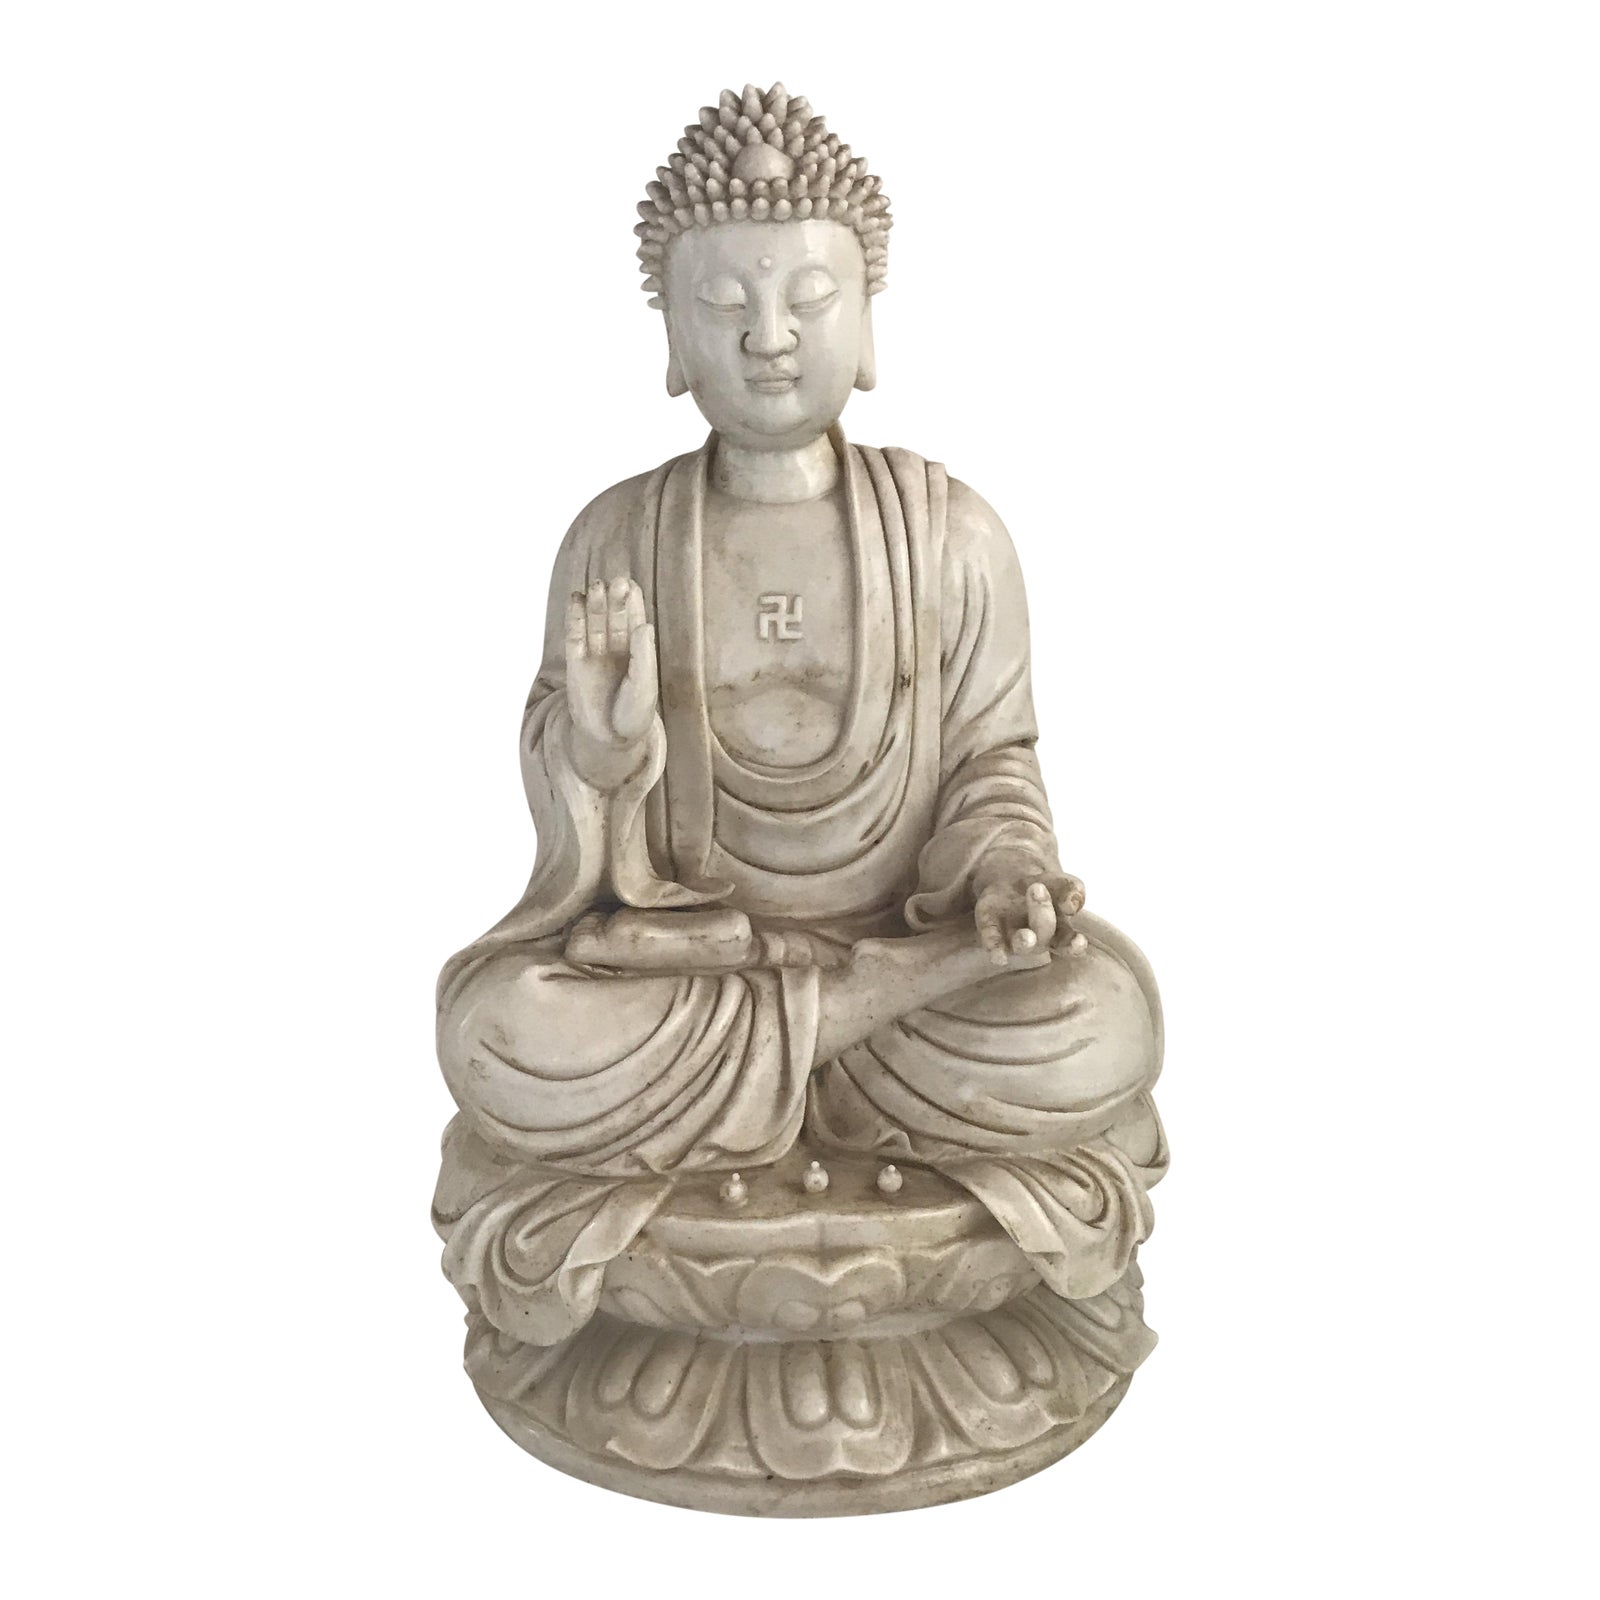 Blanc de chine buddha meditating on lotus flower chairish izmirmasajfo